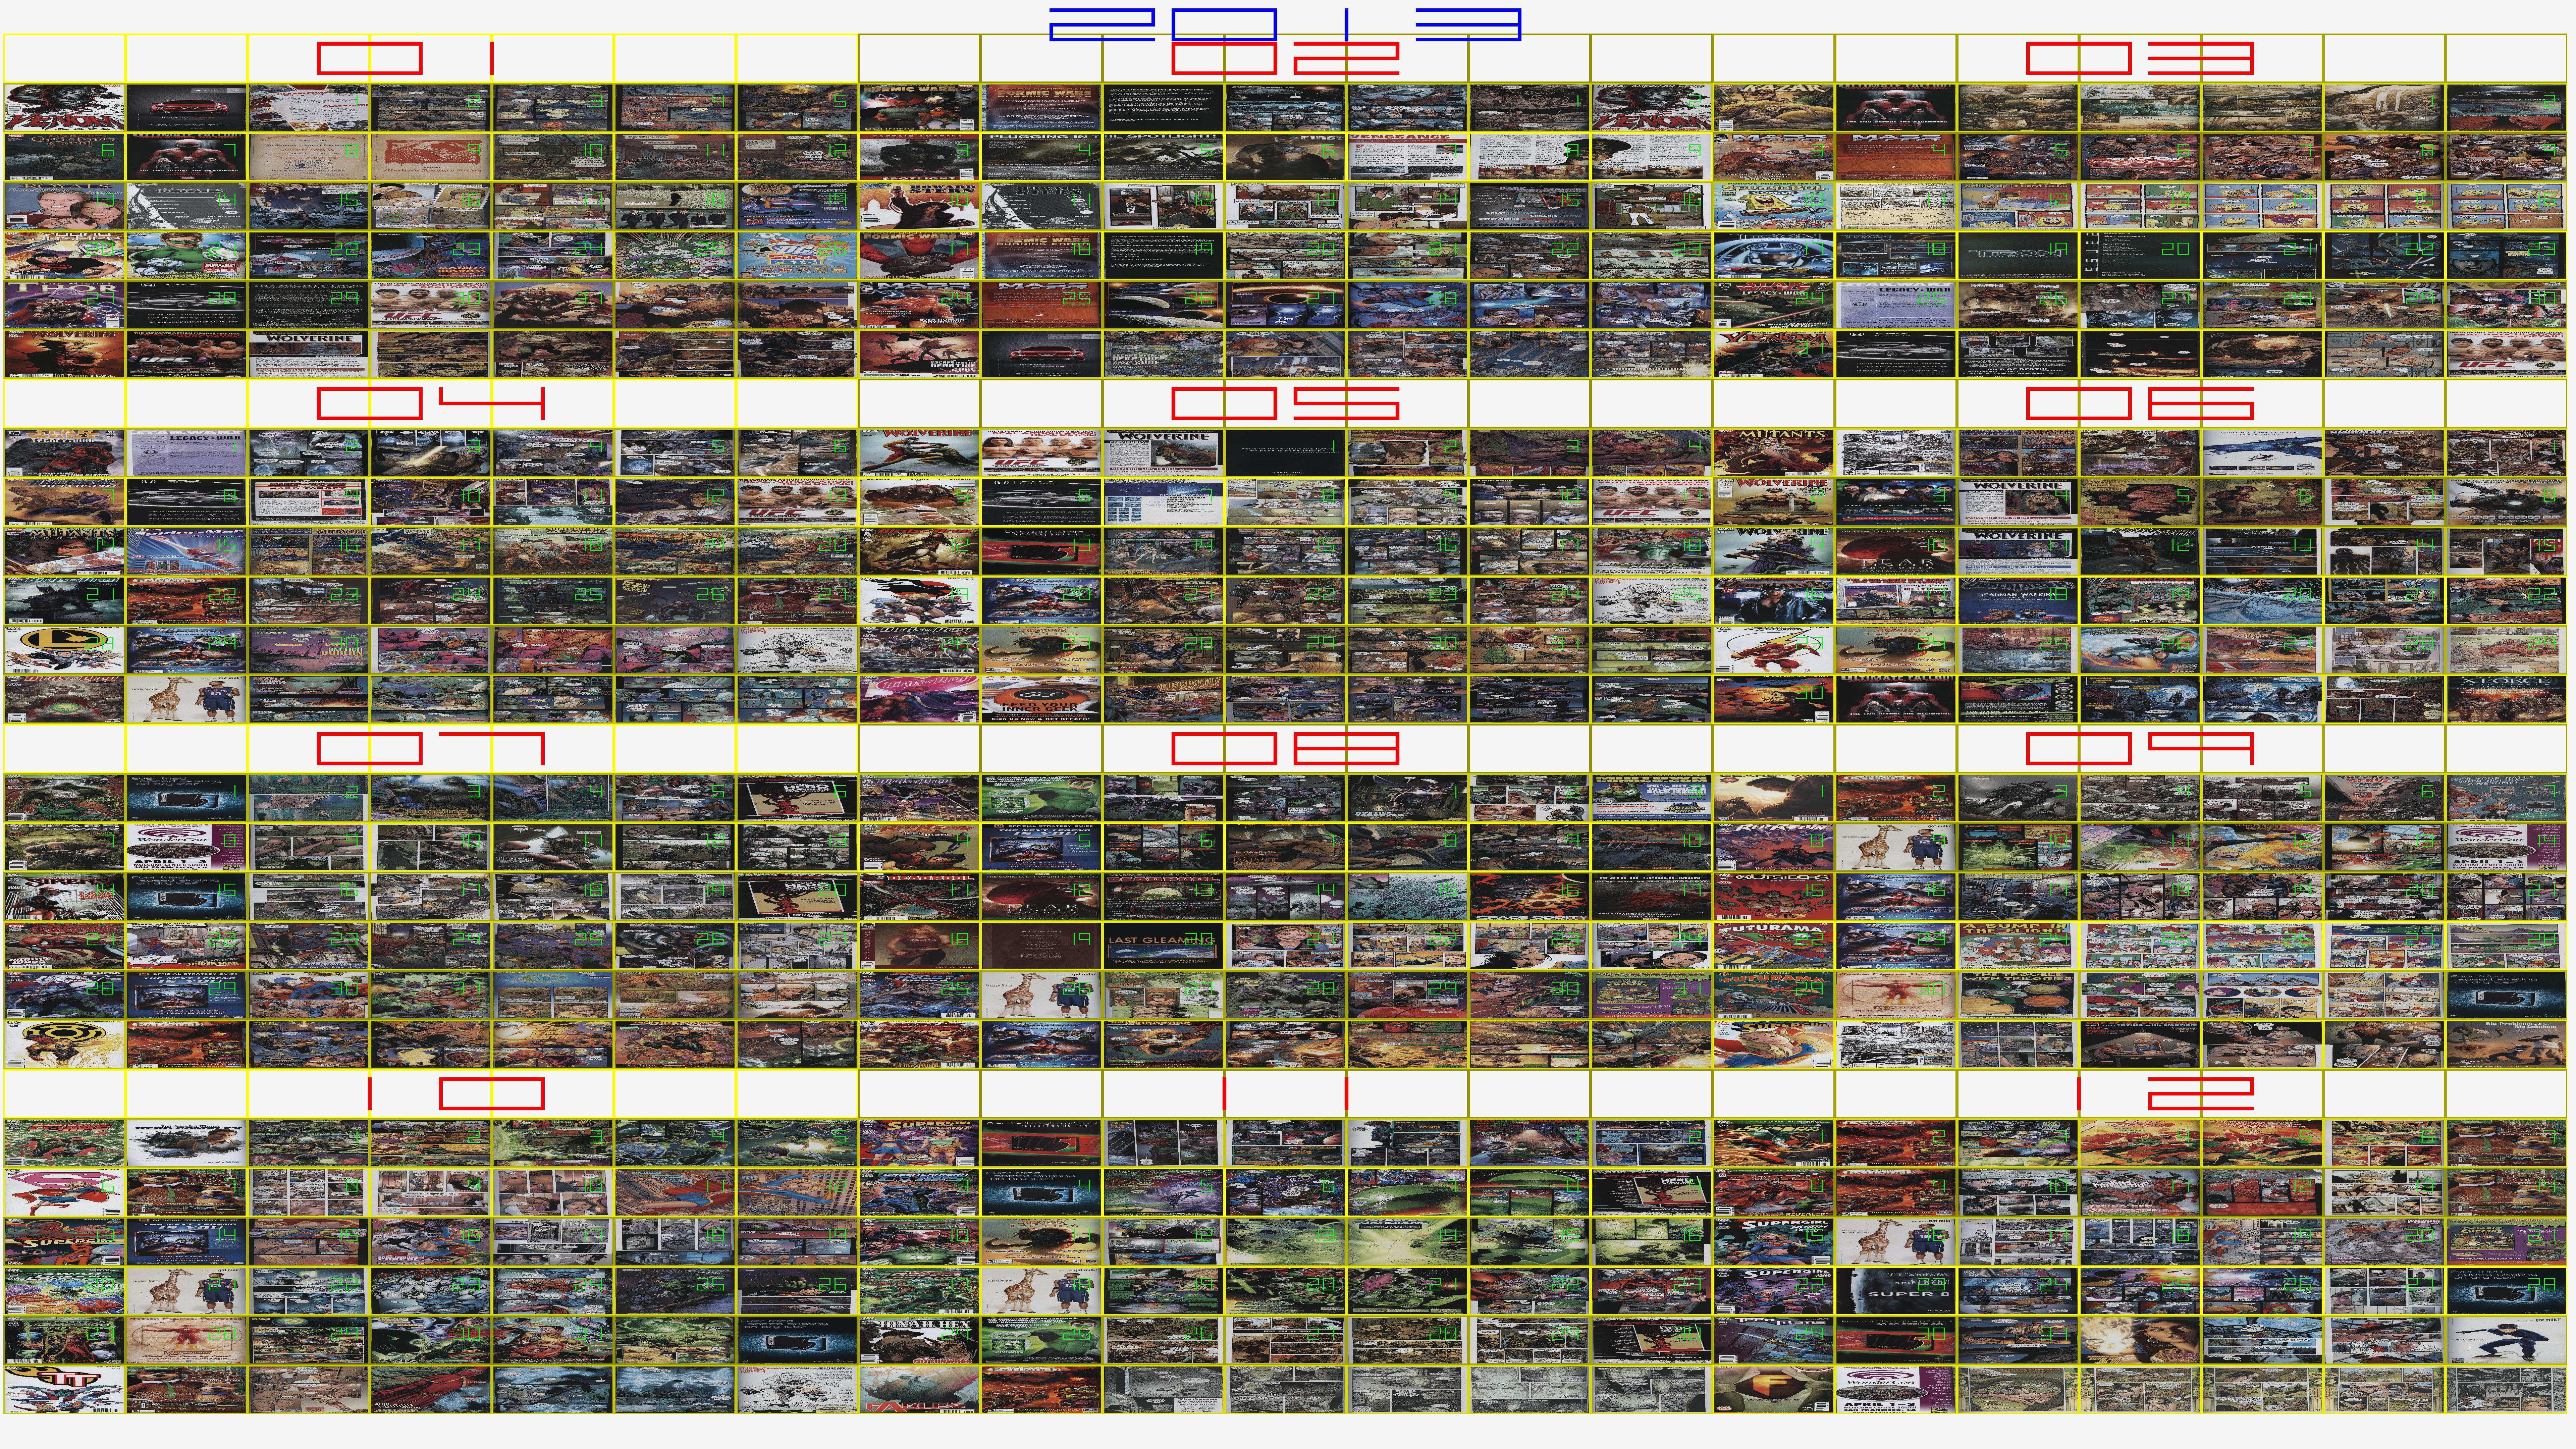 Uhdtv Calendar Wallpaper By Mostadorthsander On DeviantArt